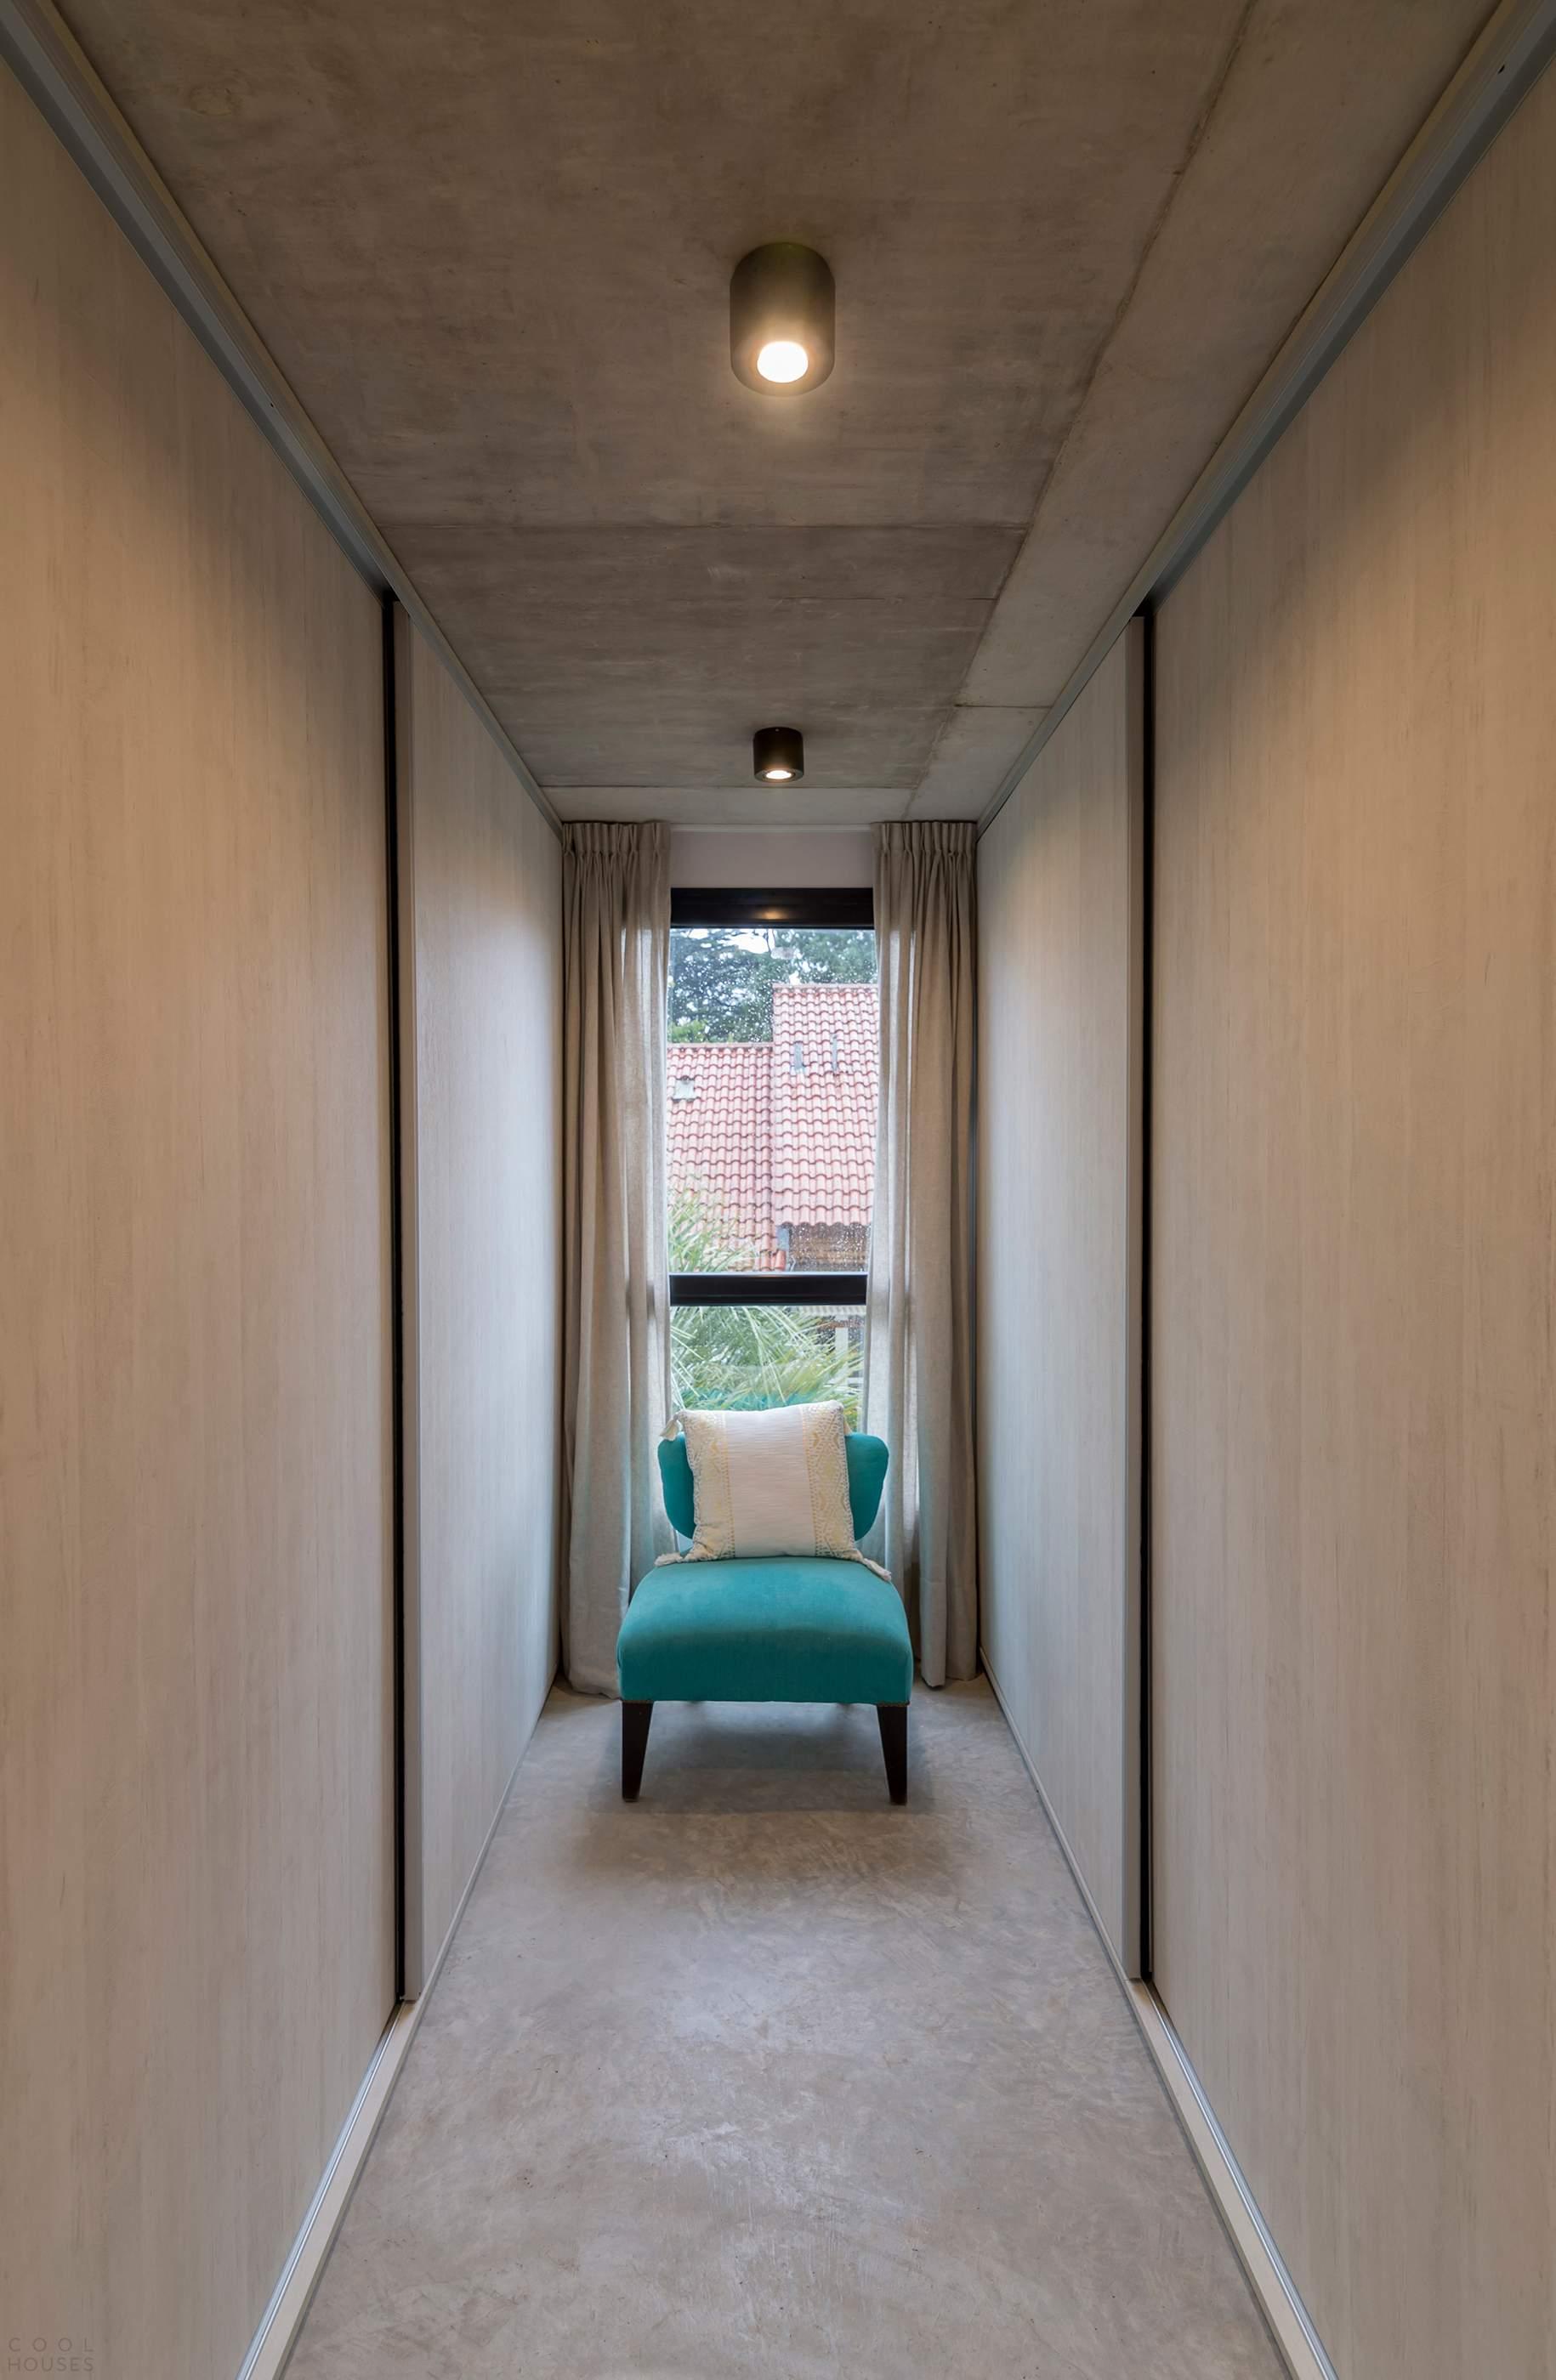 Частные апартаменты «Дом Артуро» в Мар-дель-Плата, Аргентина